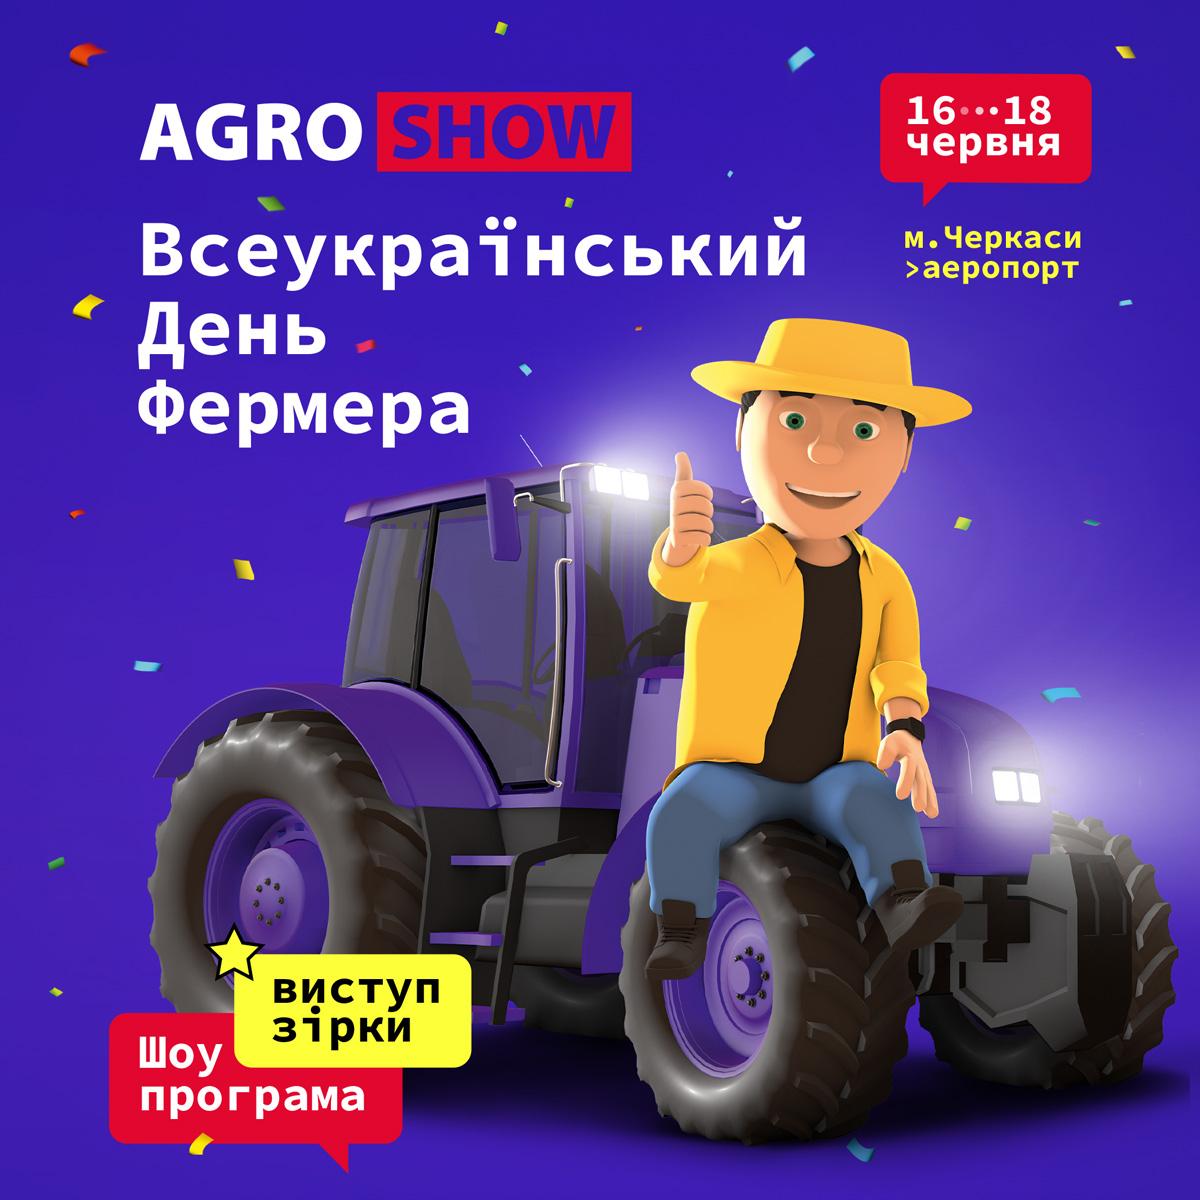 Виставка-фестиваль Agroshow Ukraine